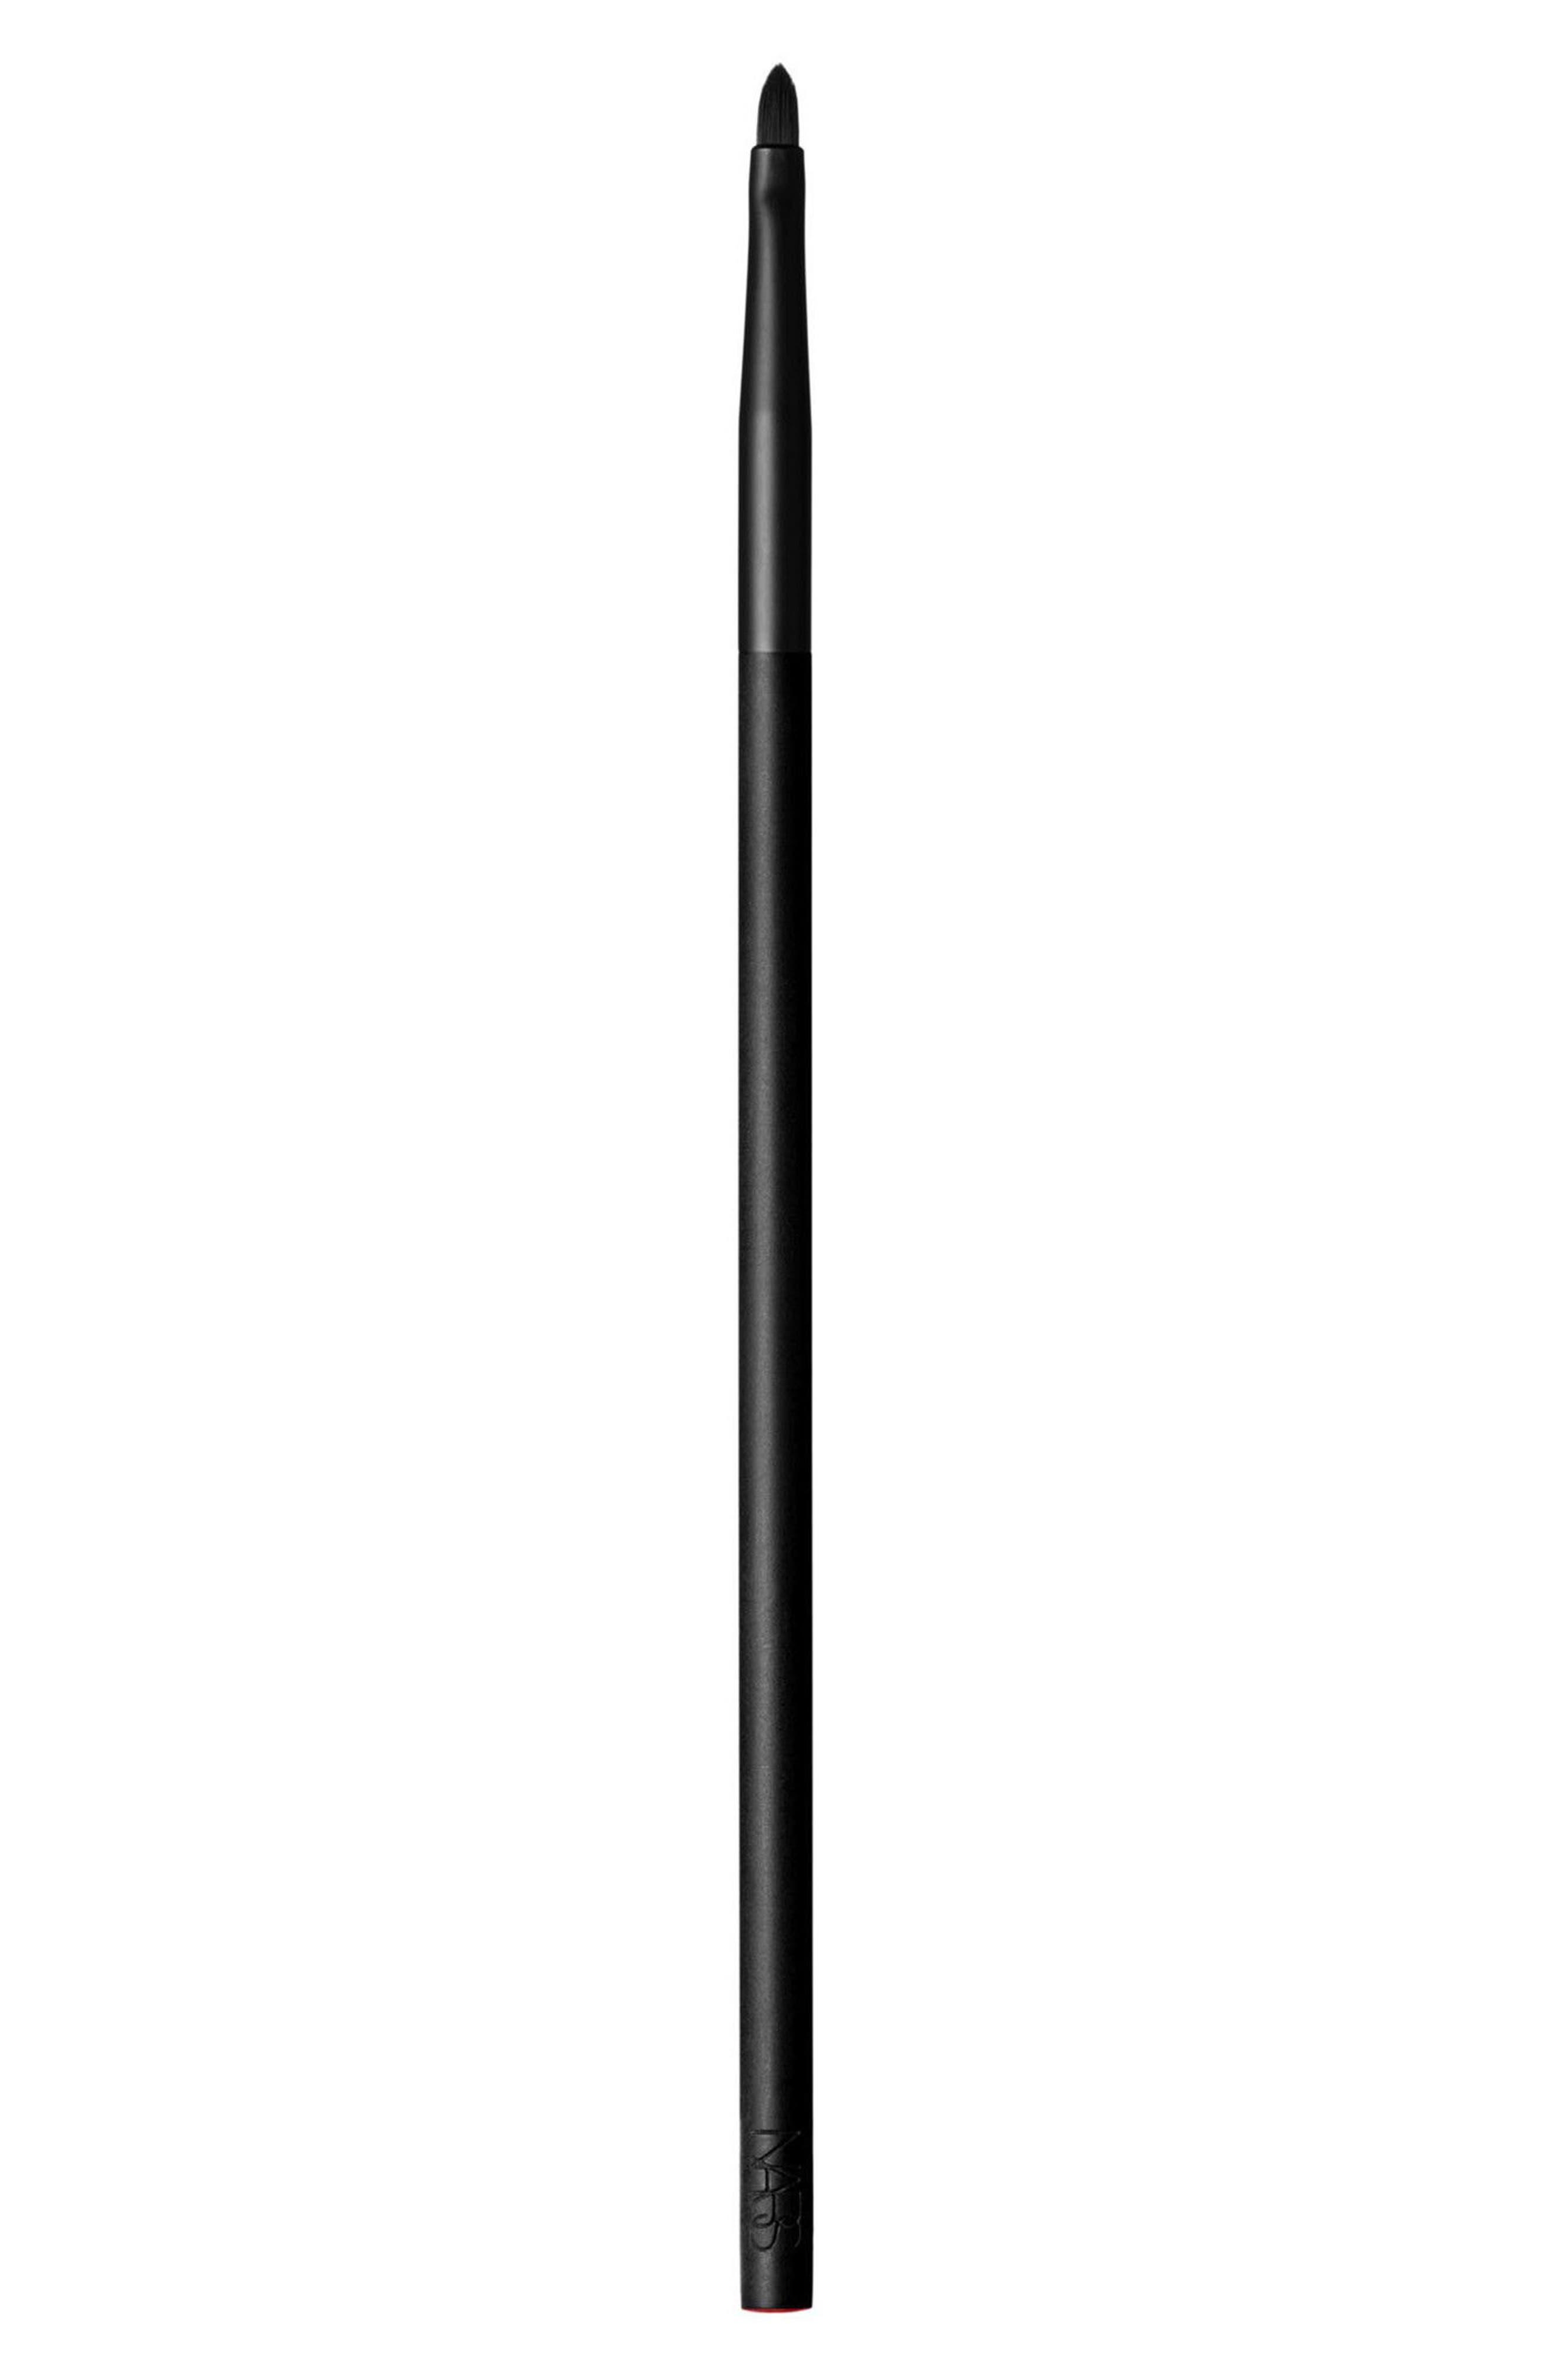 NARS 51 Wet Dry Eyeliner Brush